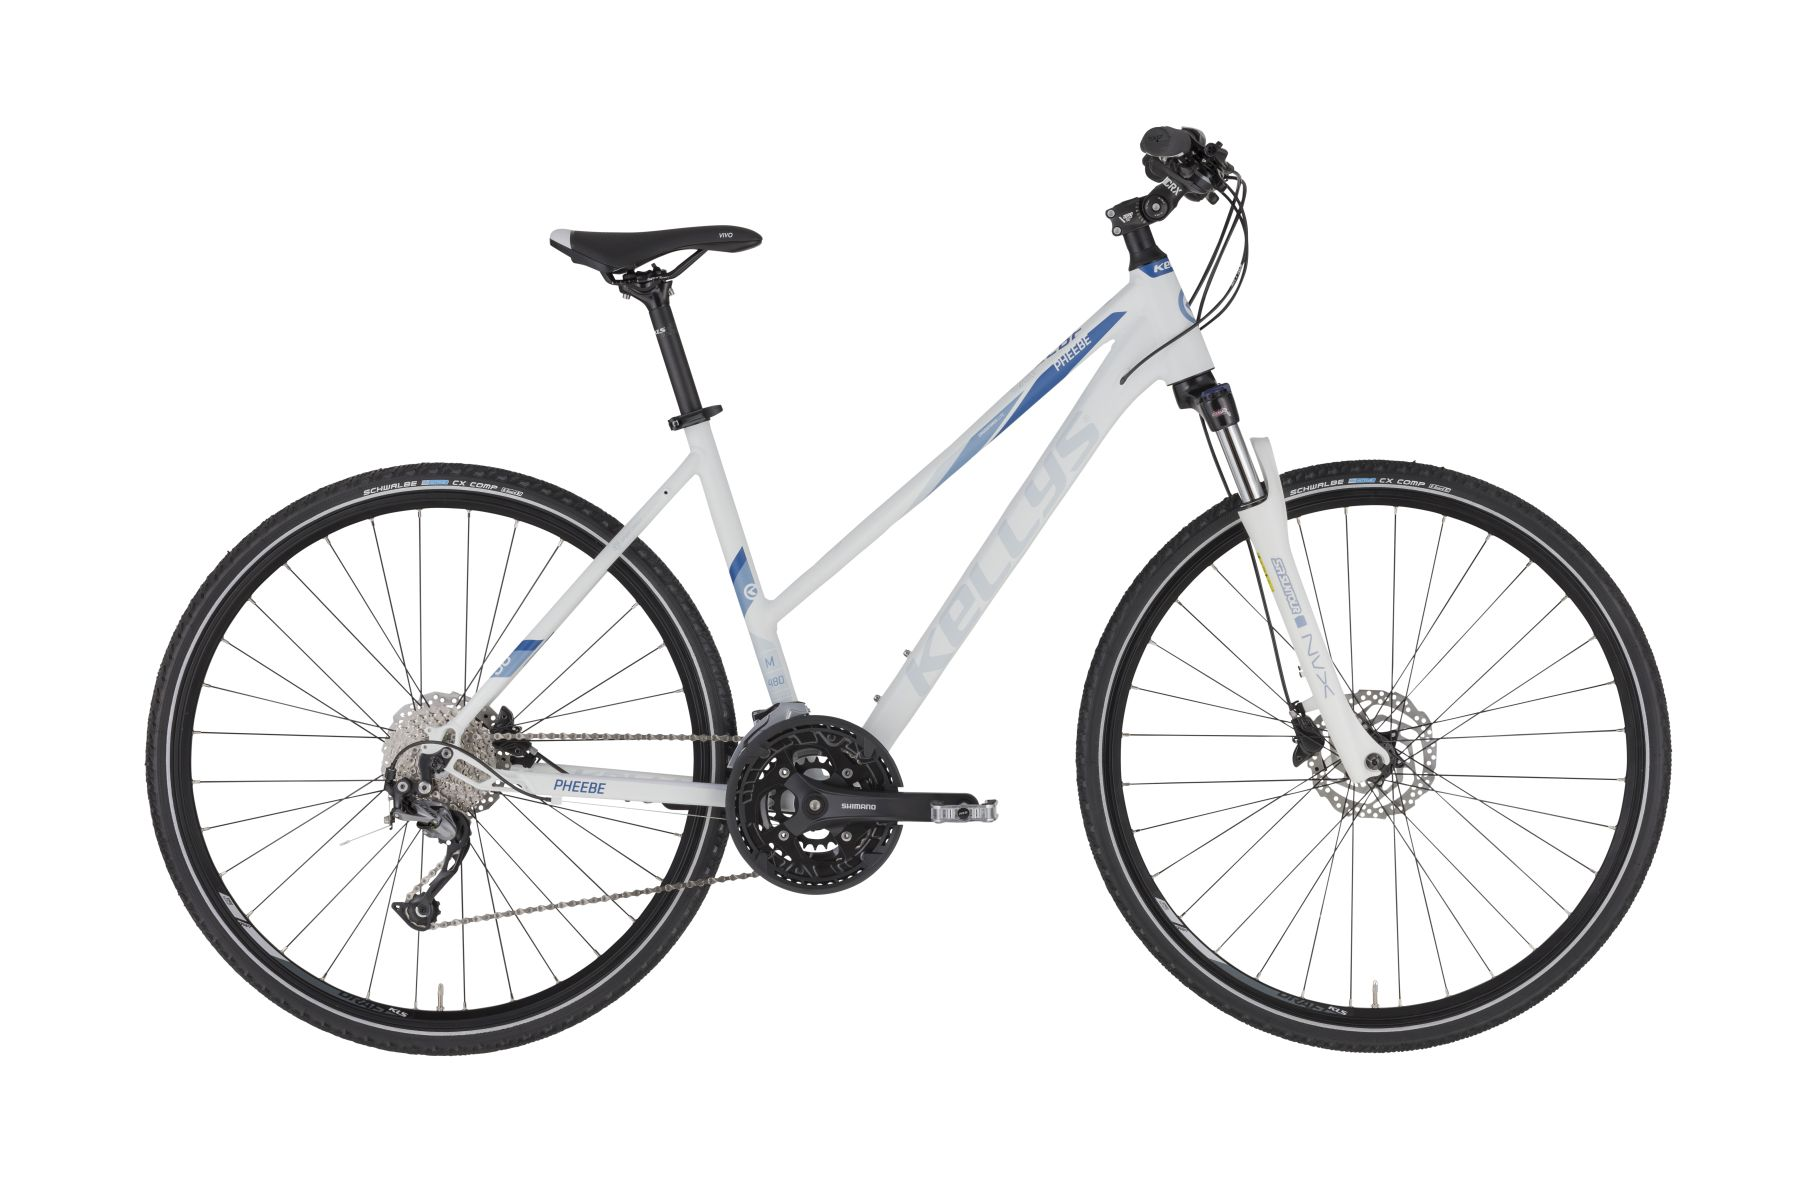 KELLYS Pheebe 30 női cross kerékpár - fehér - M (2021)